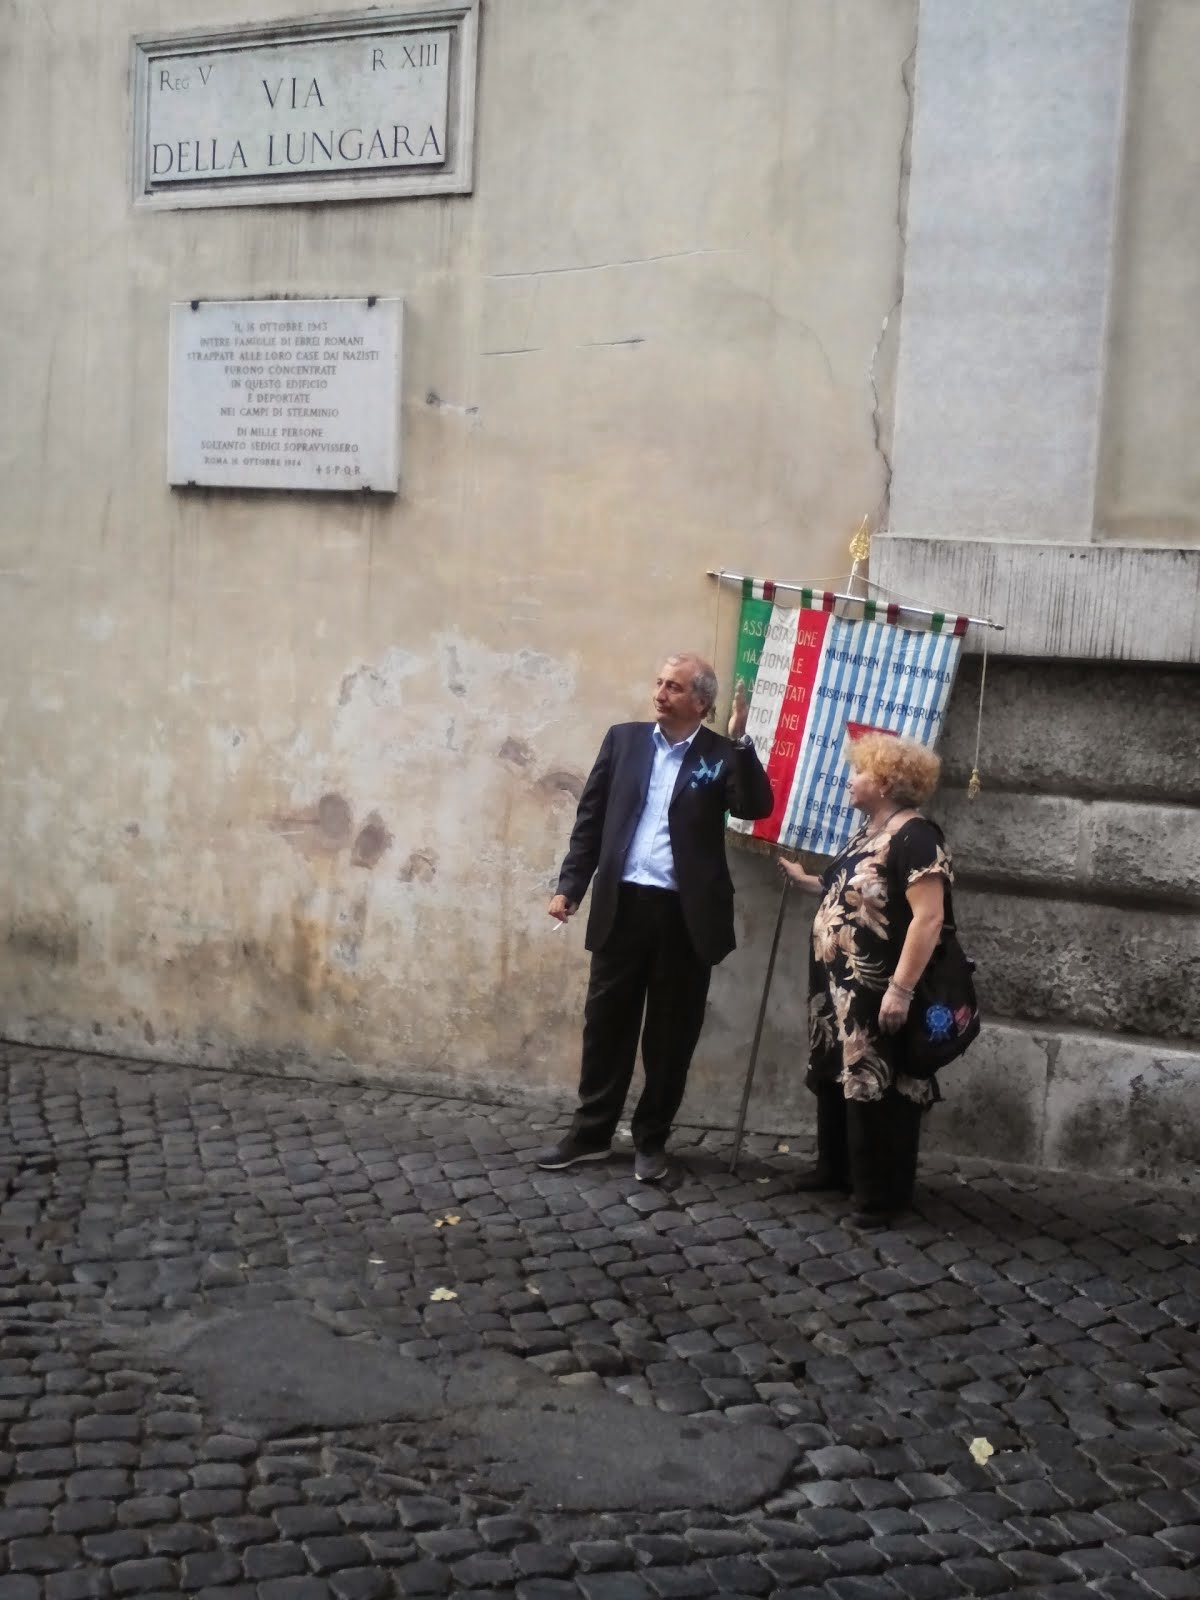 Rastrellamento del ghetto: 16 ottobre 1943